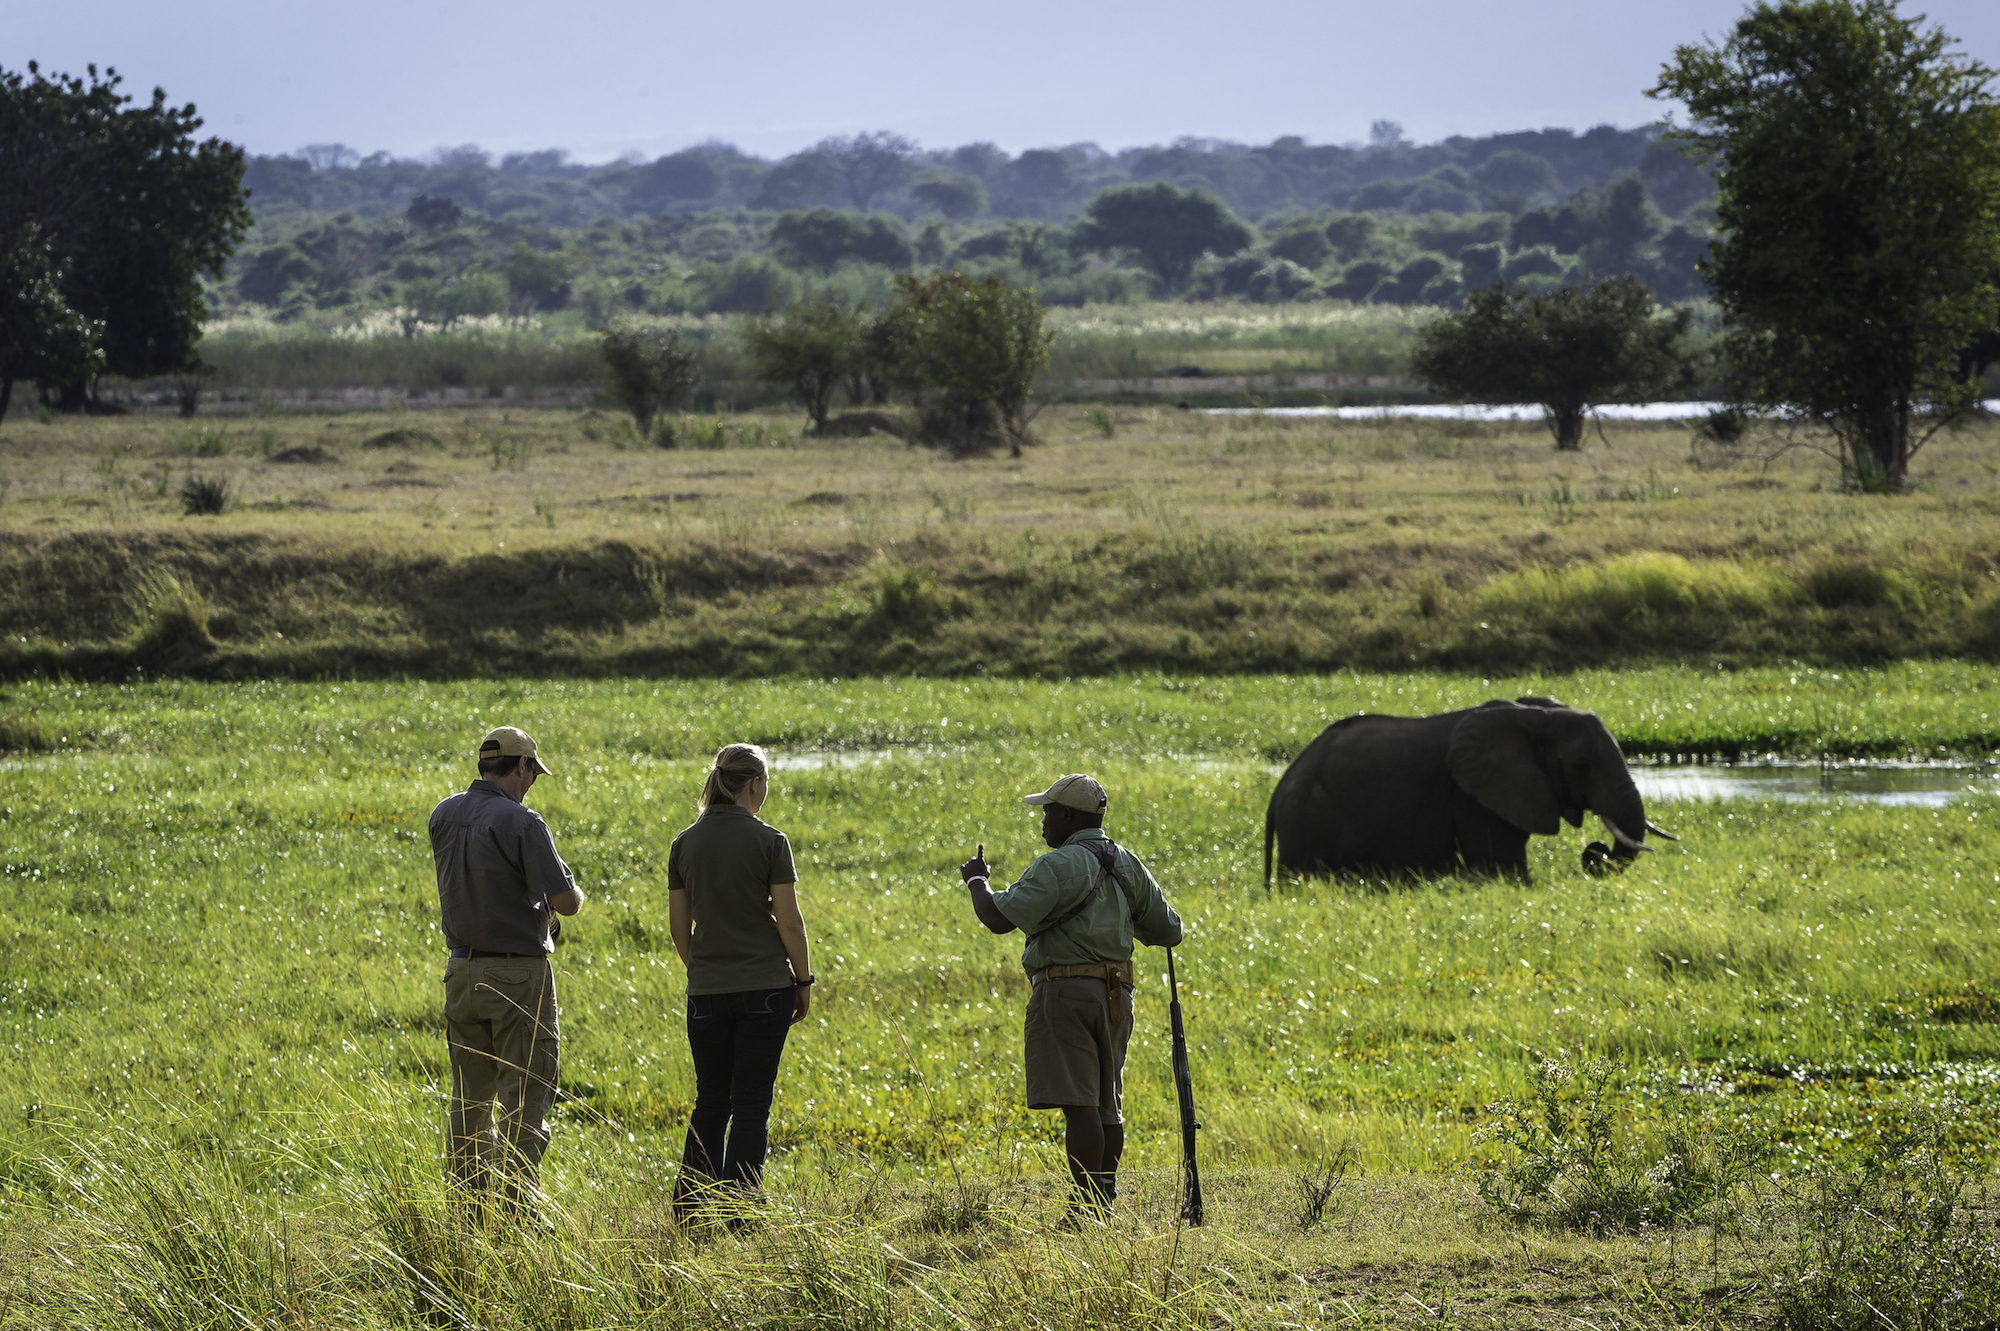 Gasten wandelen met een gids door de Zambezi-vallei in Zimbabwe.